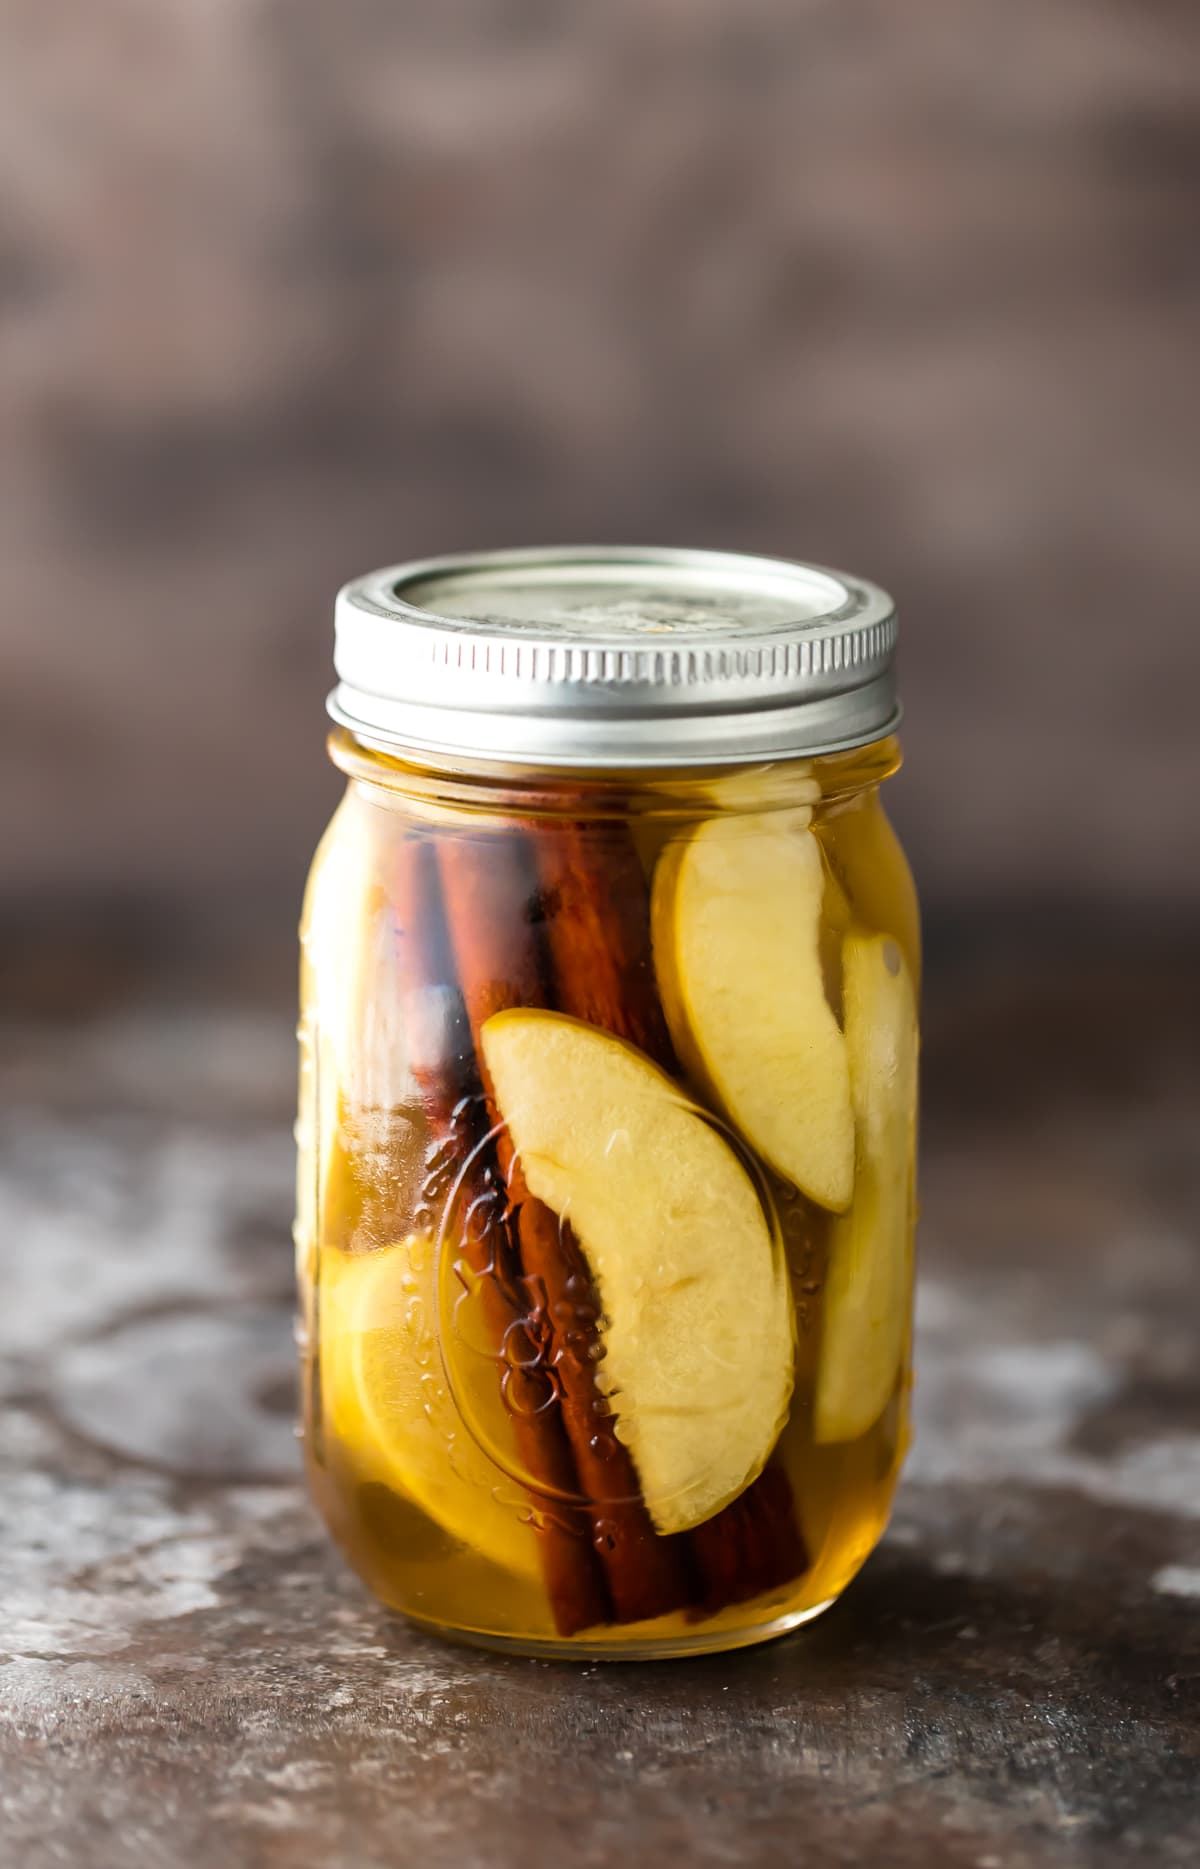 Receta casera de vodka: un tarro de albañil lleno de rodajas de manzana, palitos de canela y vodka